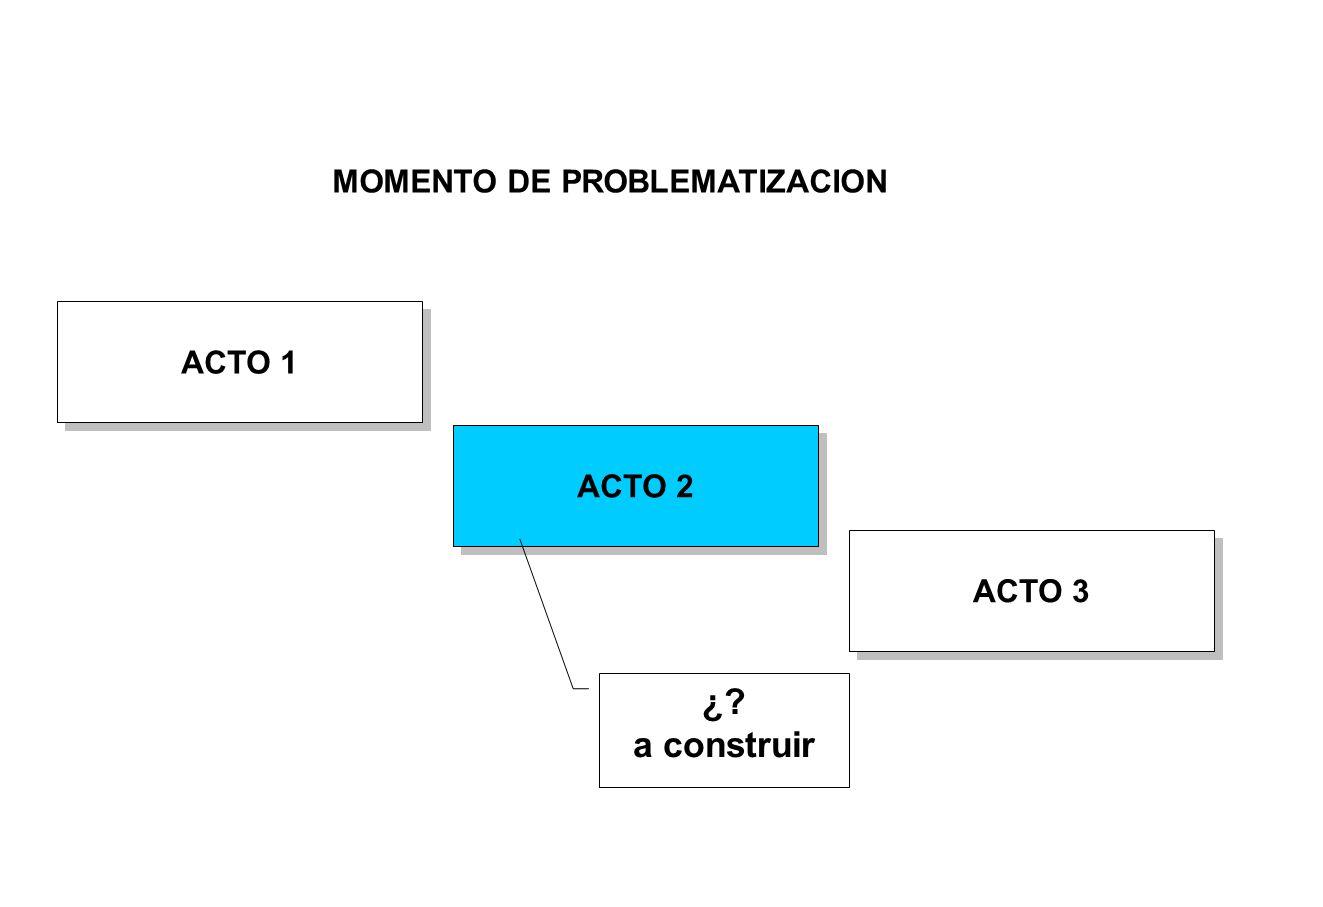 MOMENTO DE PROBLEMATIZACION